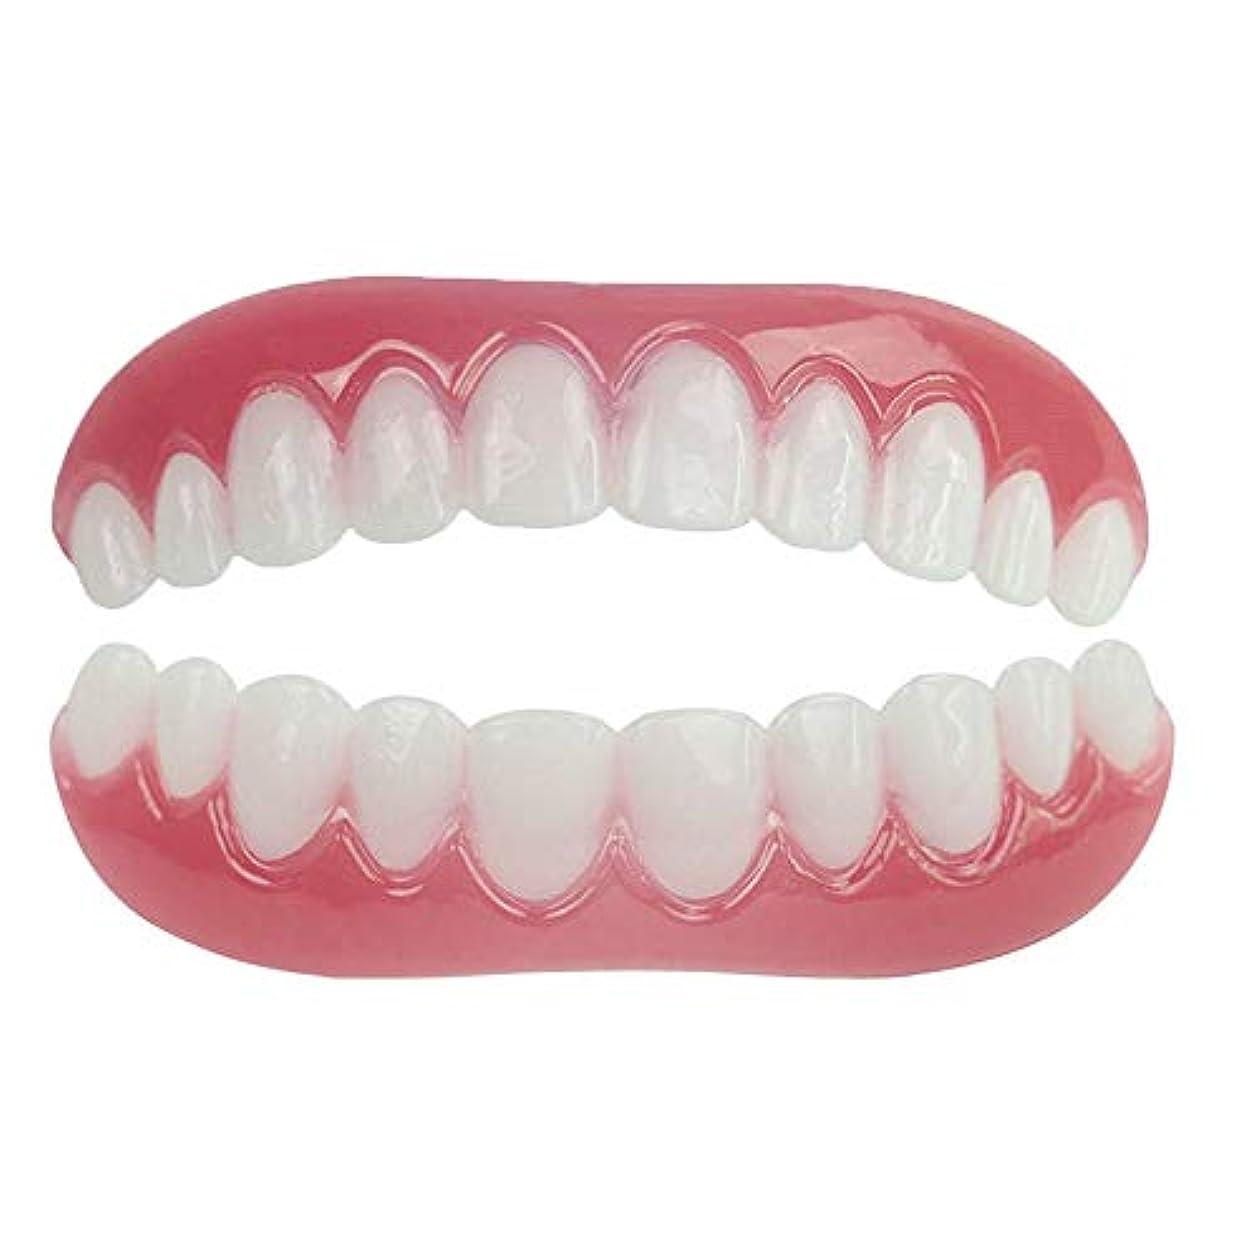 音楽を聴く研究ゴムシリコンシミュレーションの上部および下部義歯スリーブ、歯科用ベニヤホワイトニングティーセット(1セット),Boxed,UpperLower